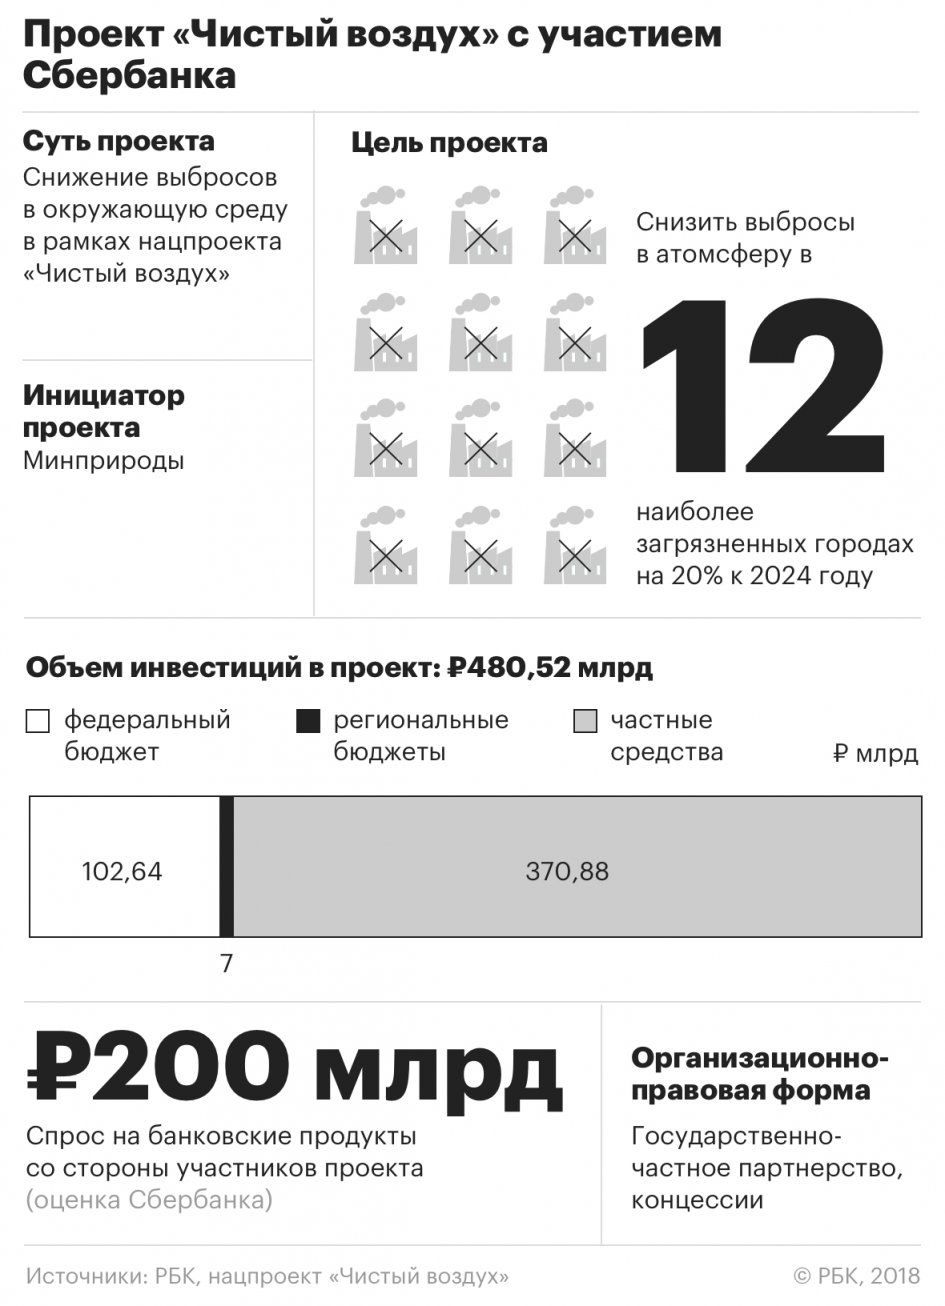 кредитный калькулятор сбербанка ипотечный кредит 2020 рассчитать череповец